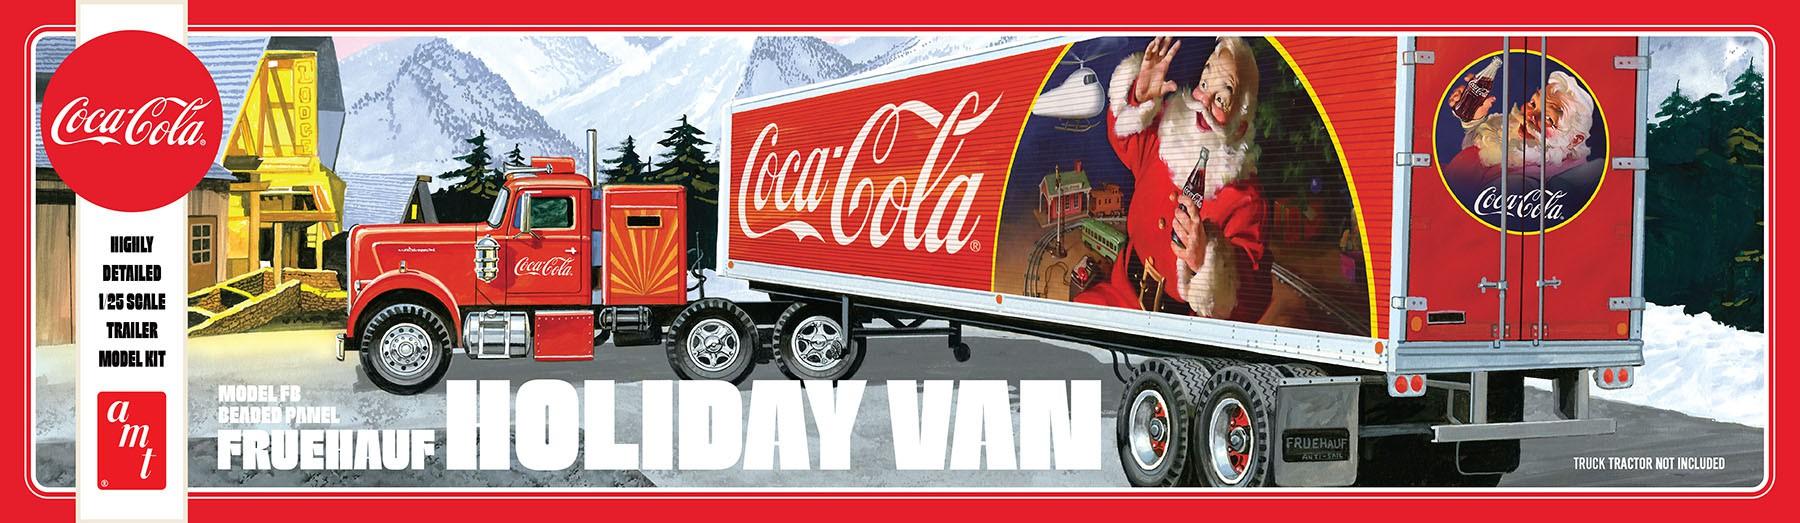 Fruehauf Holiday Hauler Semi Trailer (Coca-Cola) - NÃO INCLUI CAVALO MECÂNICO - 1/25 - AMT 1165  - BLIMPS COMÉRCIO ELETRÔNICO